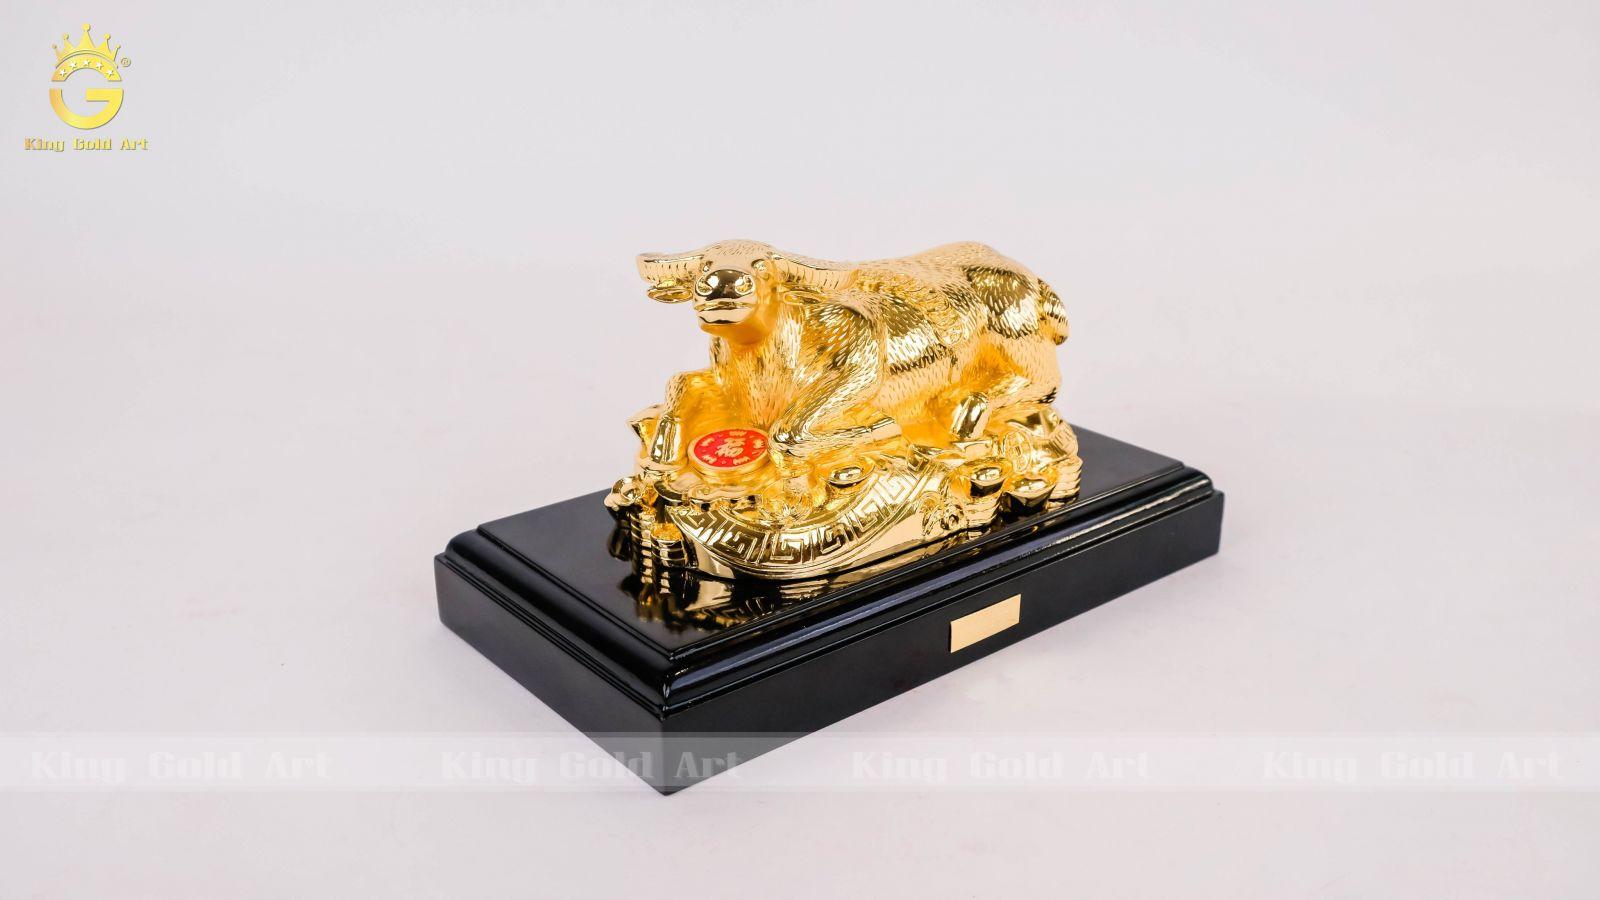 Trâu nằm bằng đồng mạ vàng 24k 20 cm